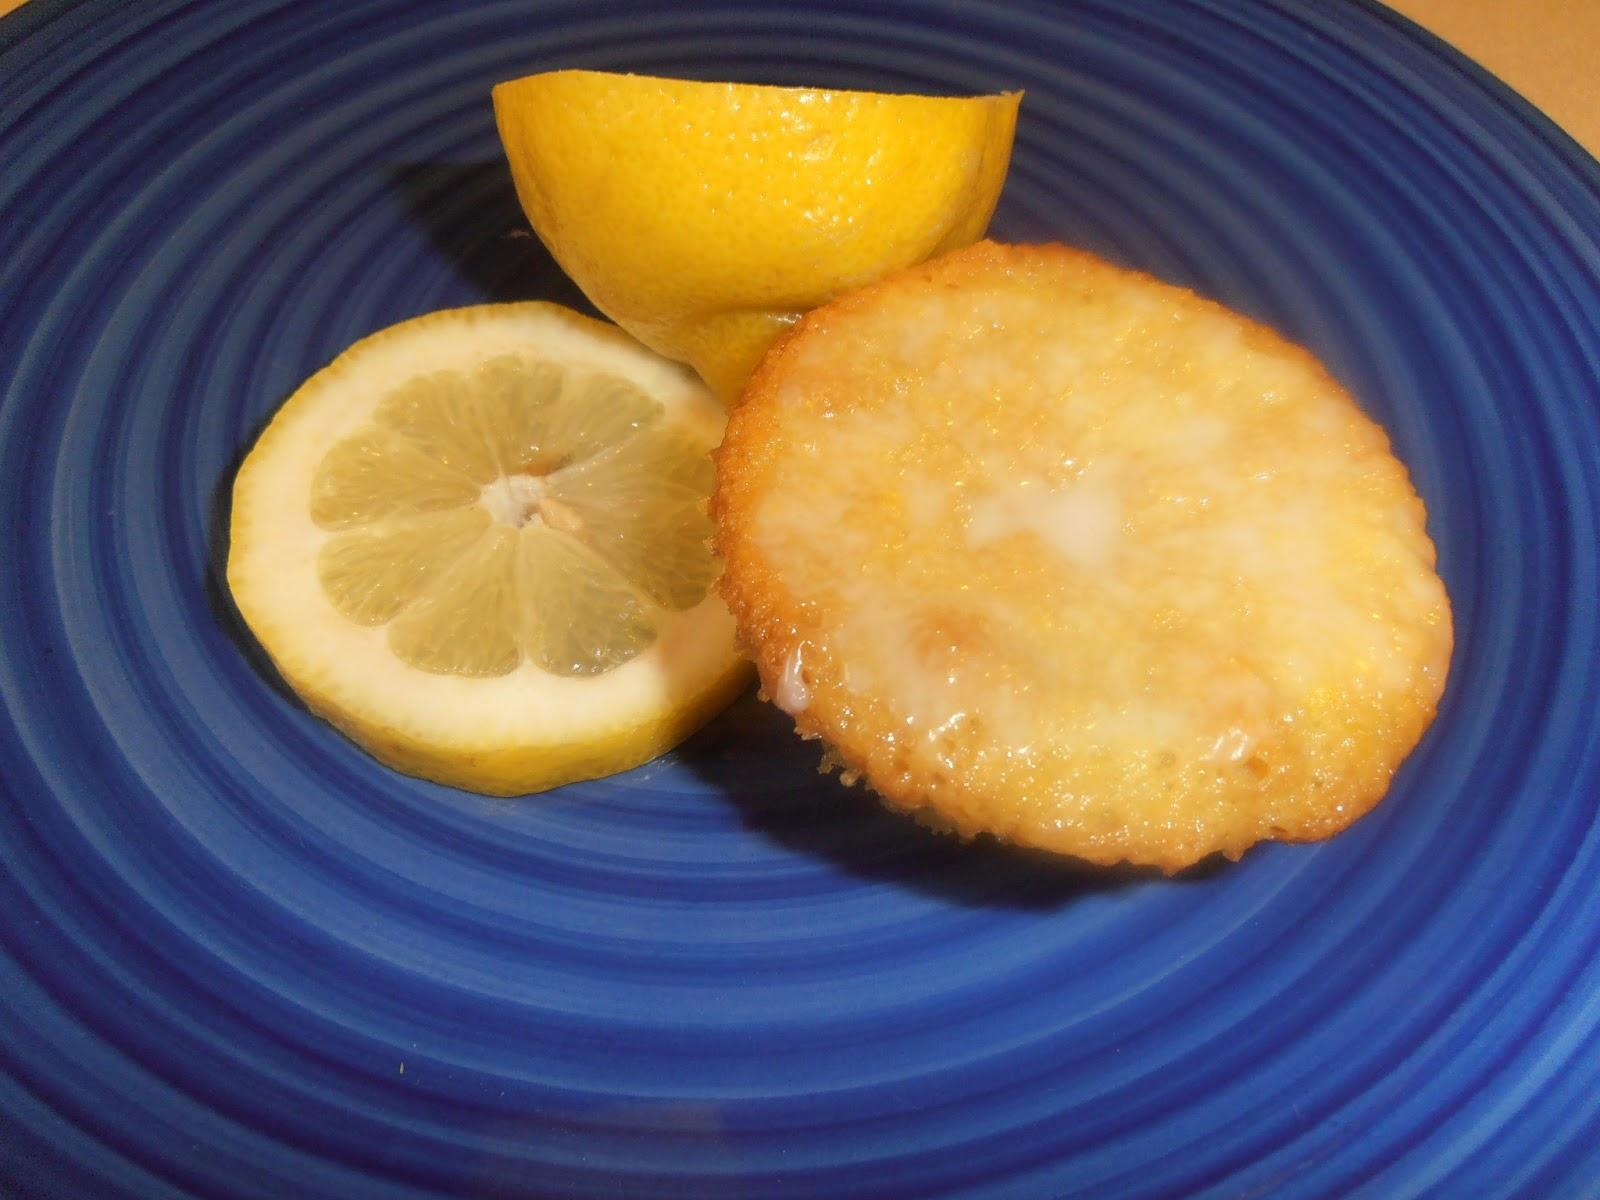 I Can't Believe It's Gluten-Free: Lemon Glazed Lemon Muffins